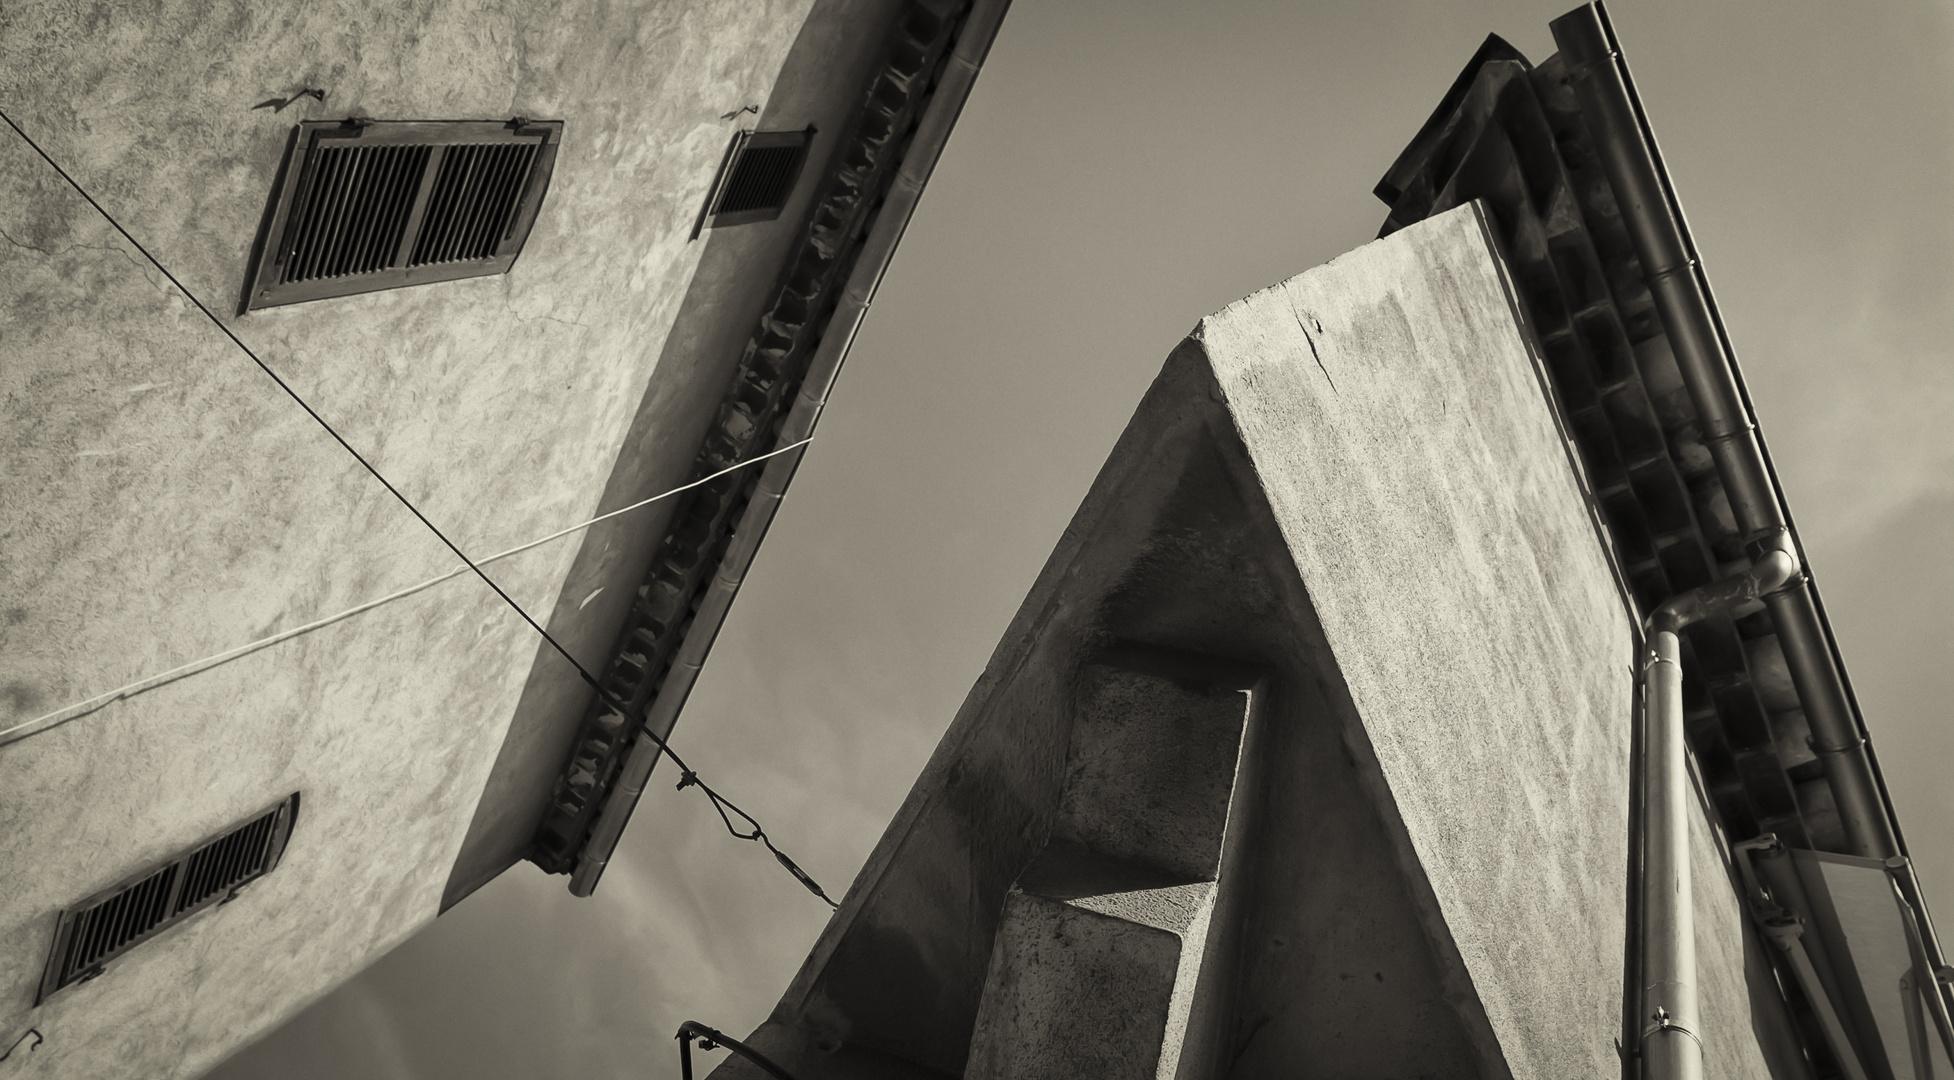 Spitzfindige Architektur im engen St. Tropez